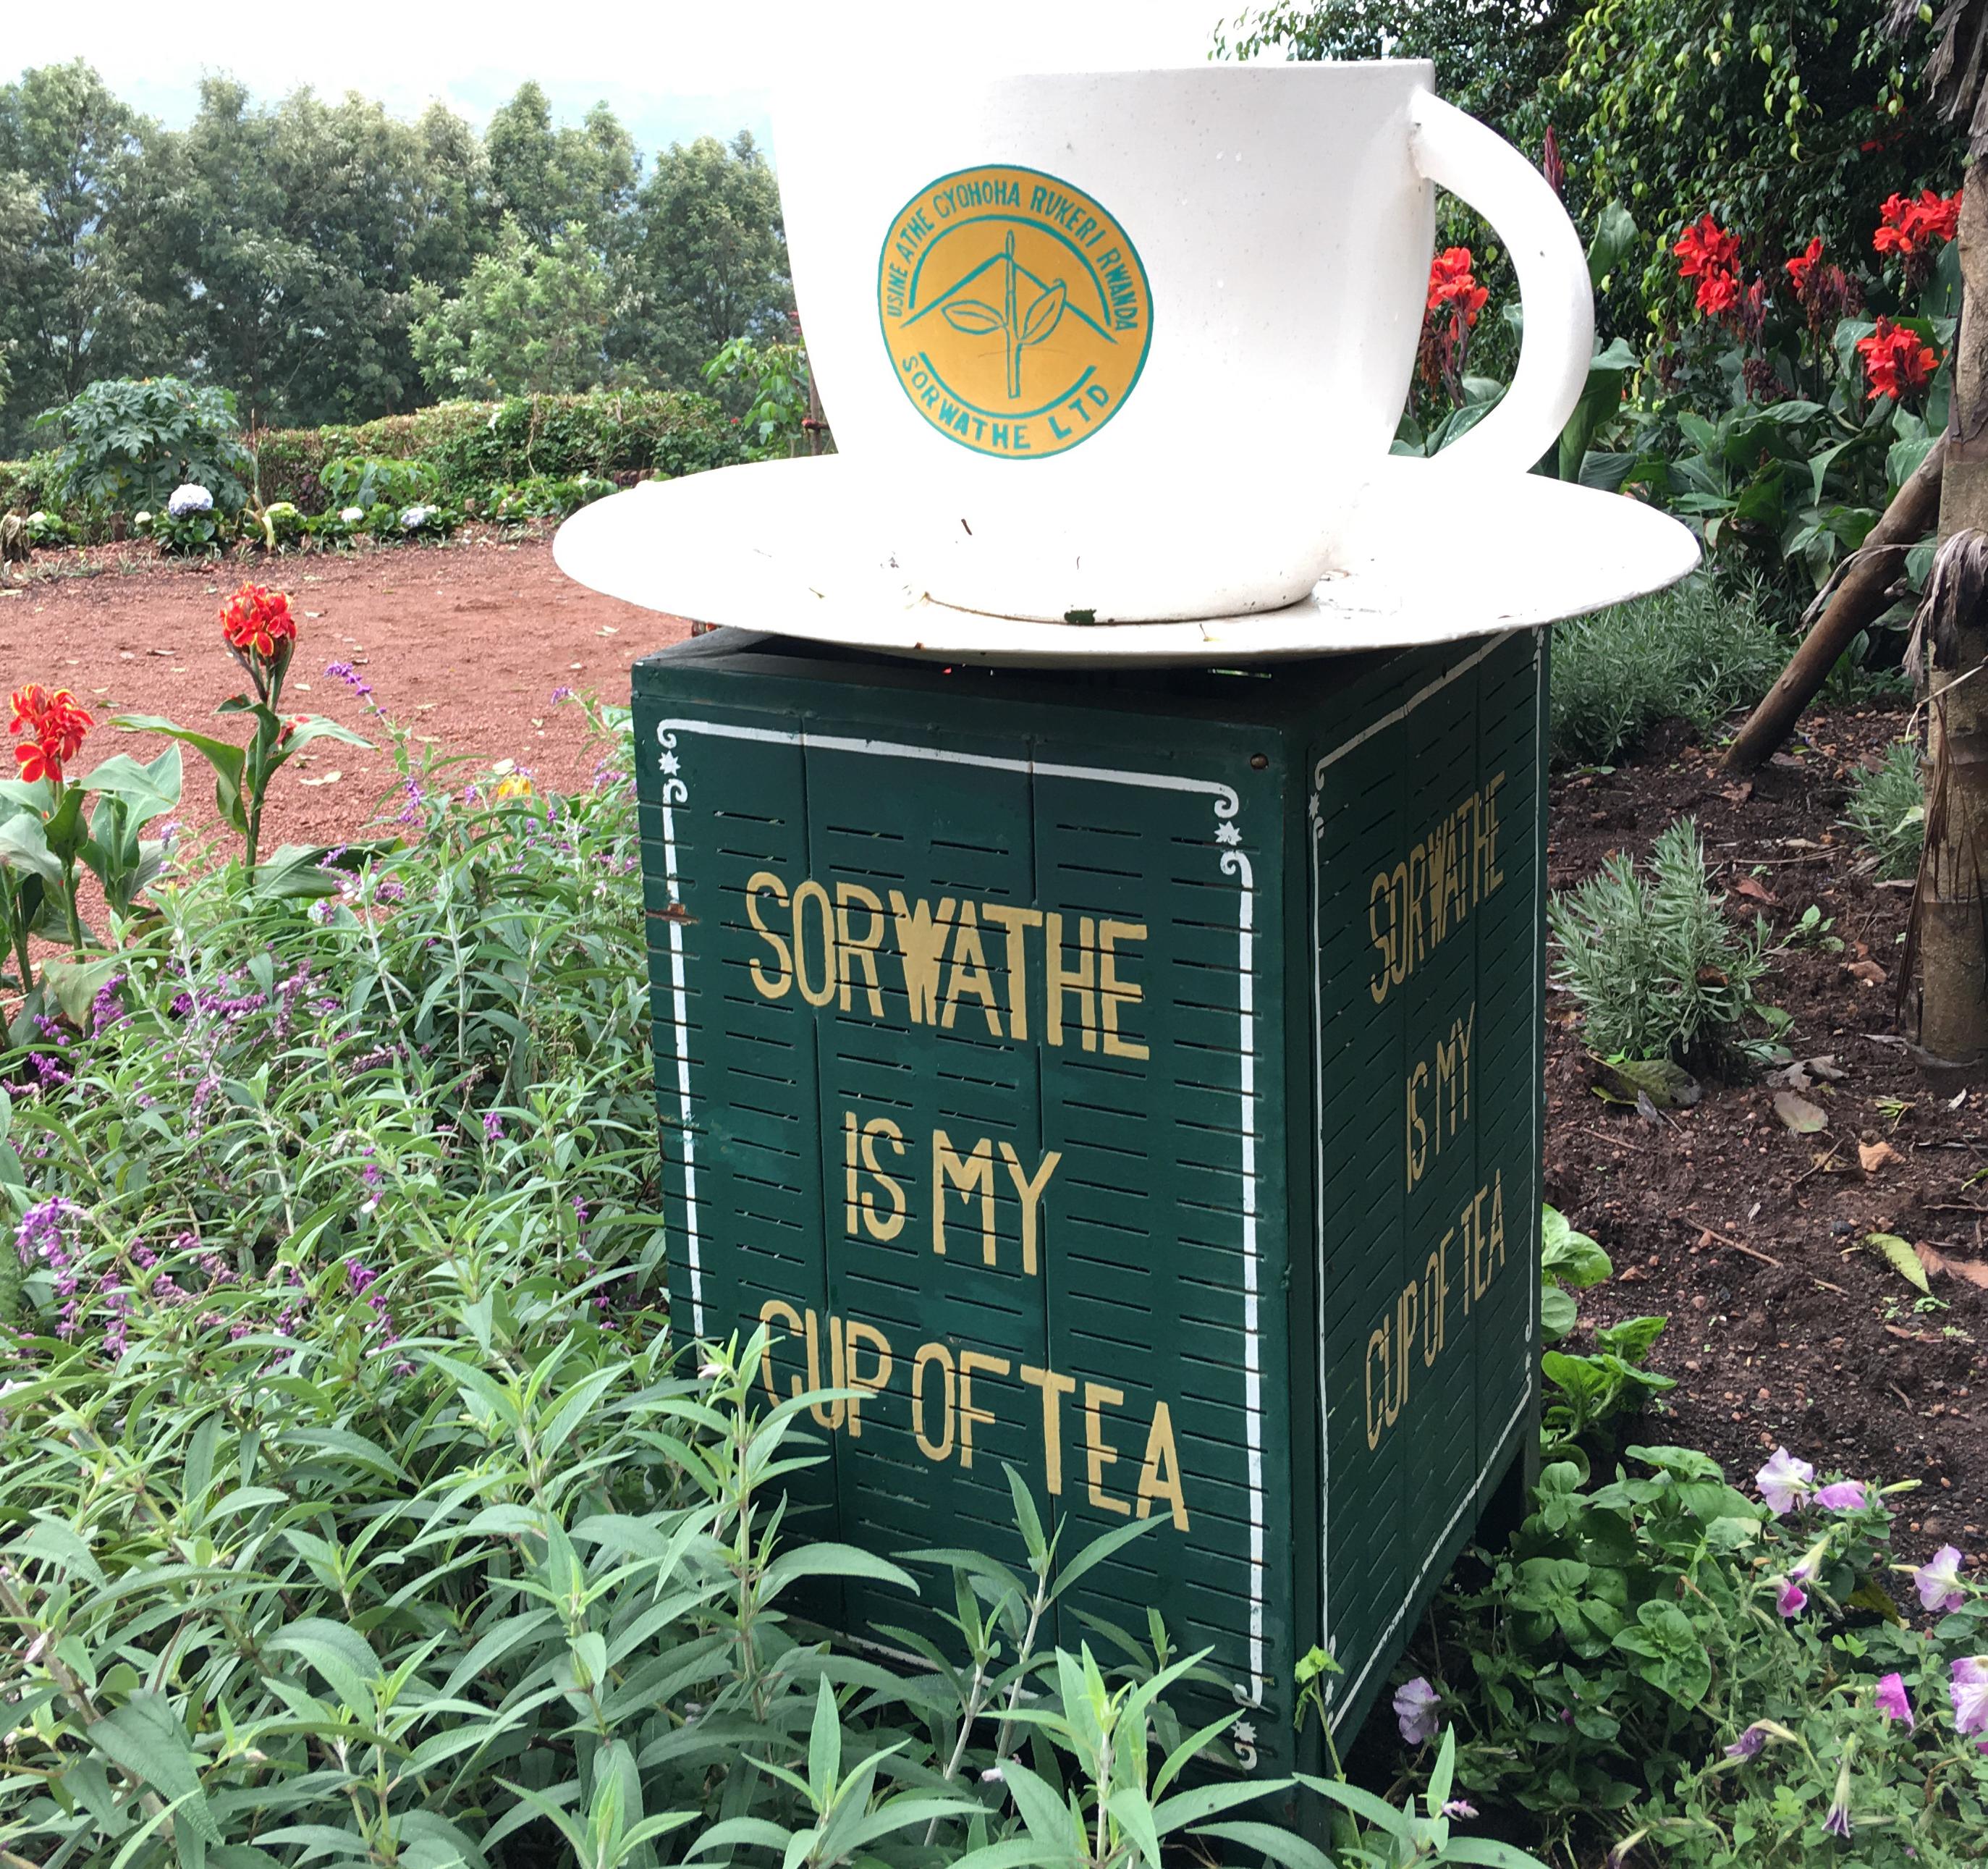 Sorwathe is my cup of tea